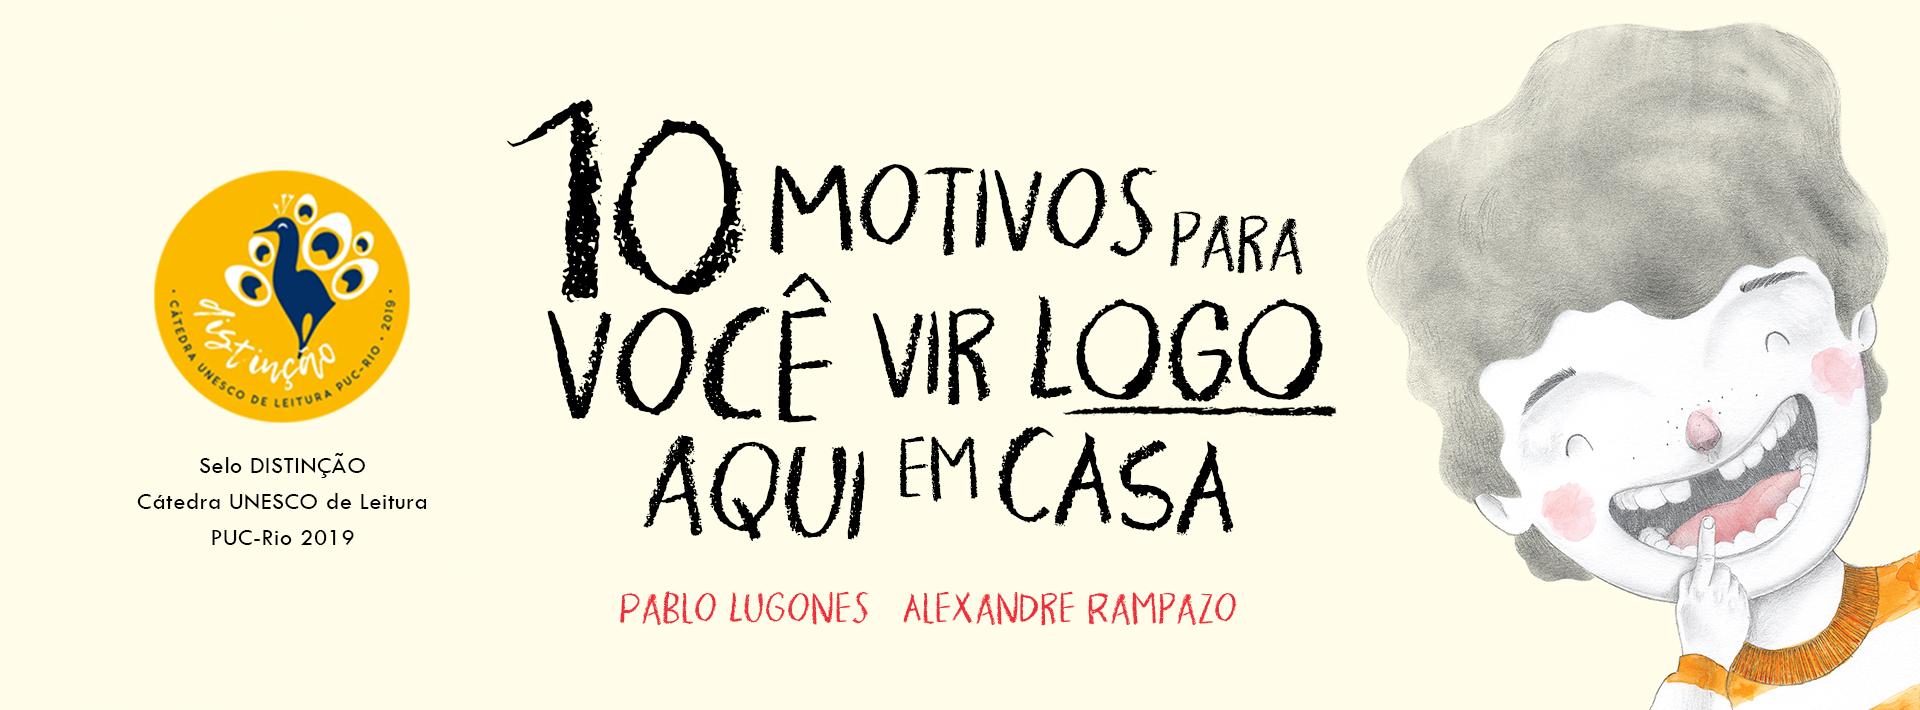 Gato_Leitor_10-Motivos-Para-Voce-Vir-Logo-Aqui-Em-Casa2